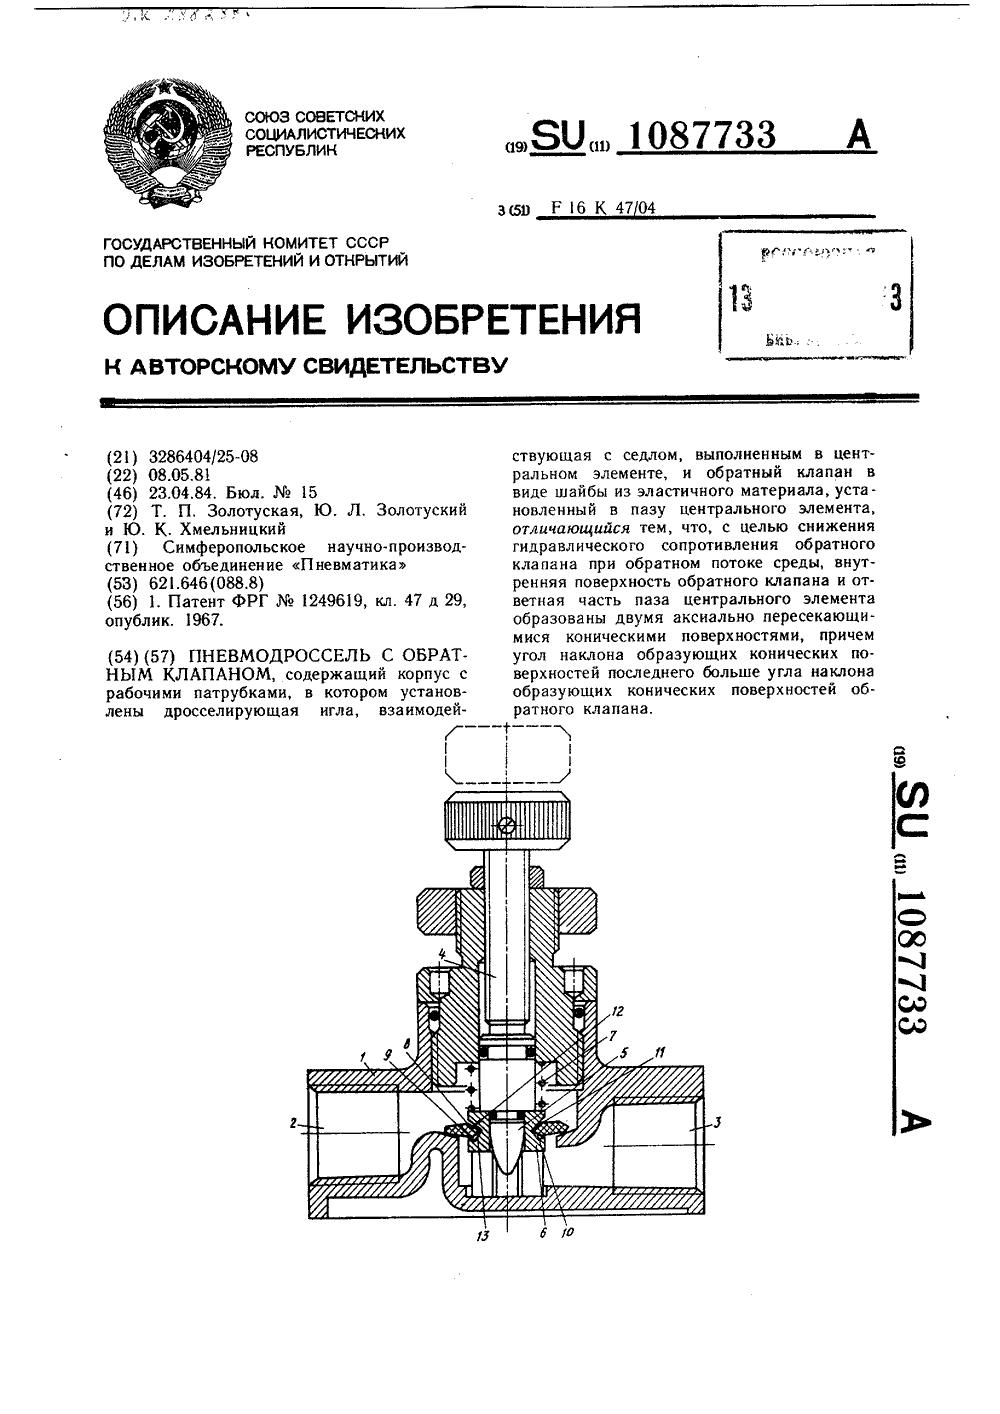 пневмодроссель схема